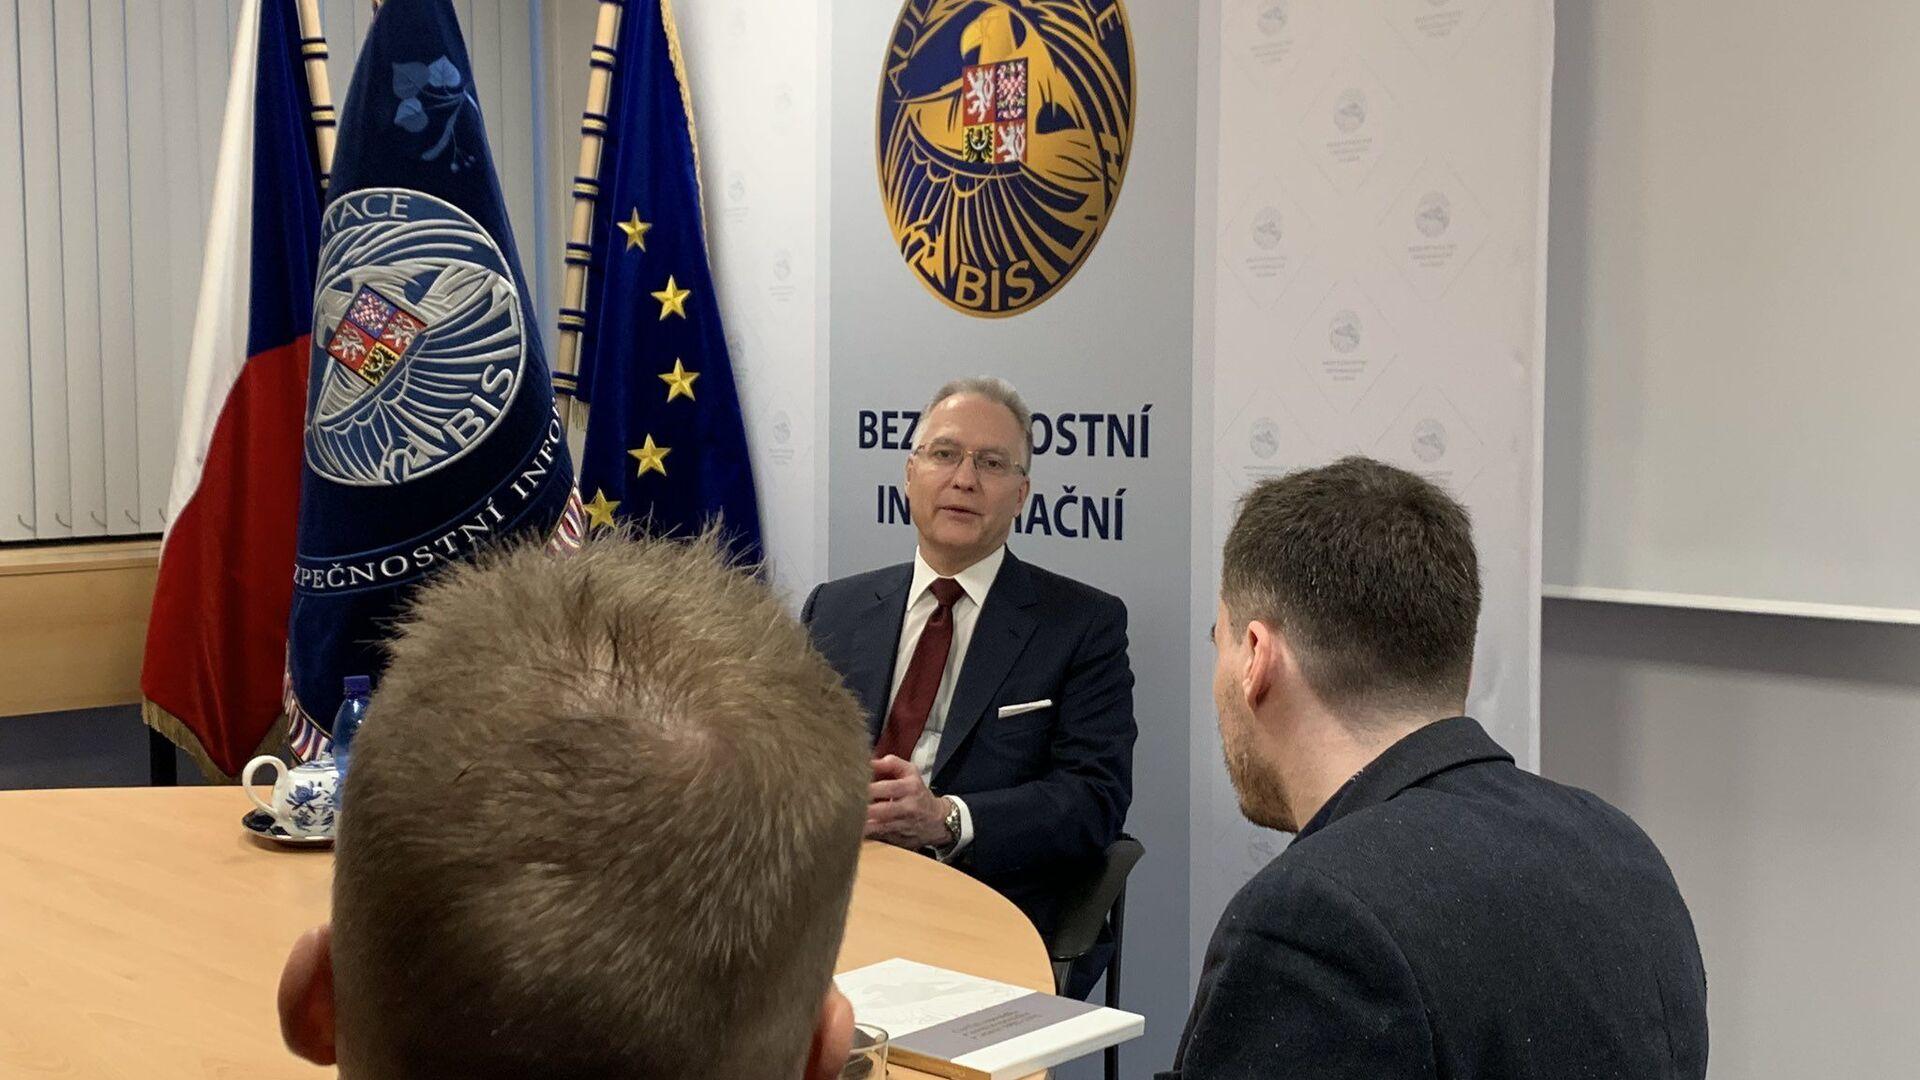 Ředitel české Bezpečnostní a informační služby (BIS) Michal Koudelka - Sputnik Česká republika, 1920, 11.06.2021